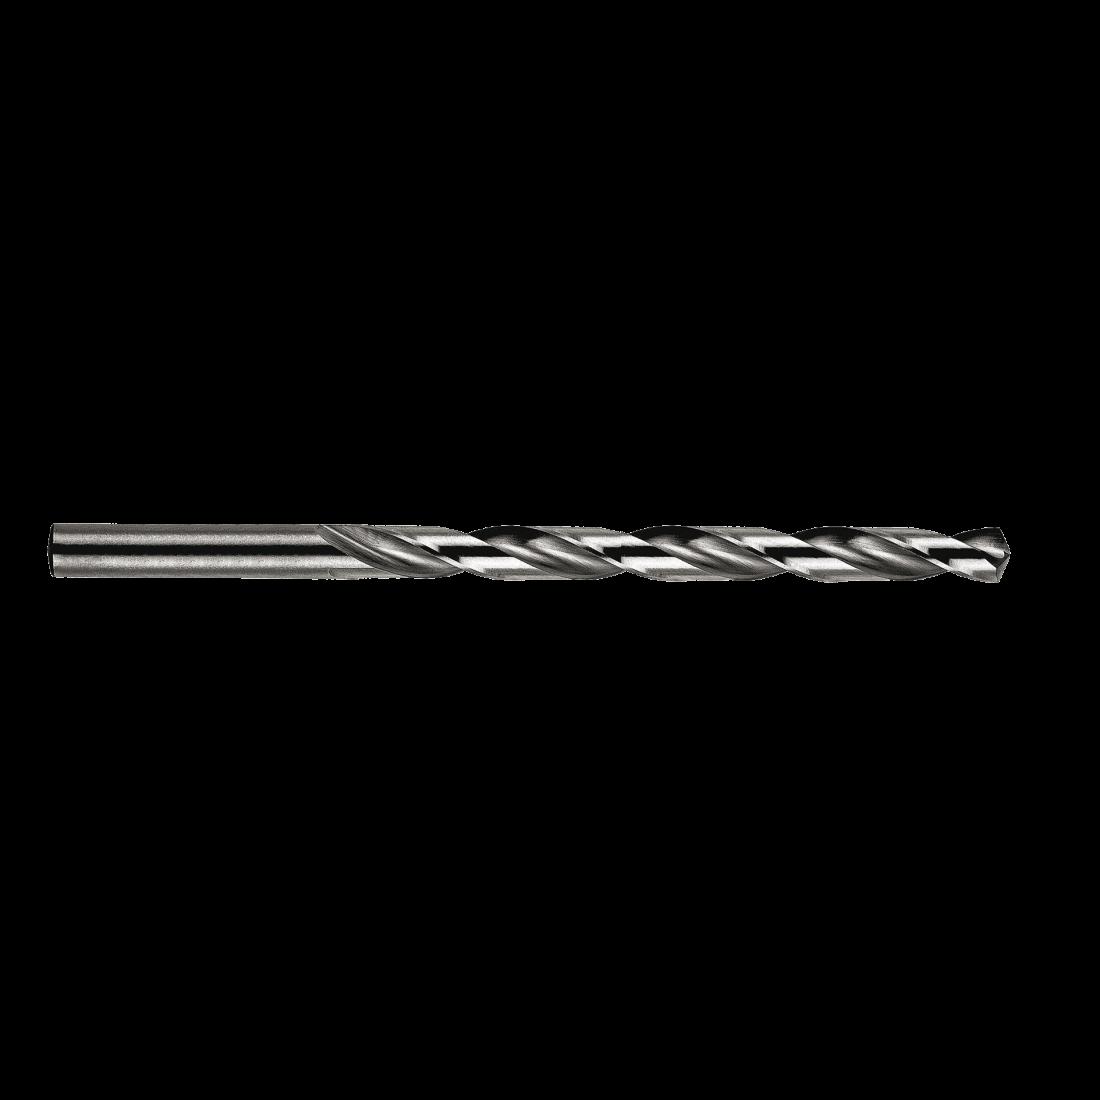 Сверлo по металлу Heller HSS-G Super DIN 340 сверхдлиннoе 4,8х87х132мм (10шт)